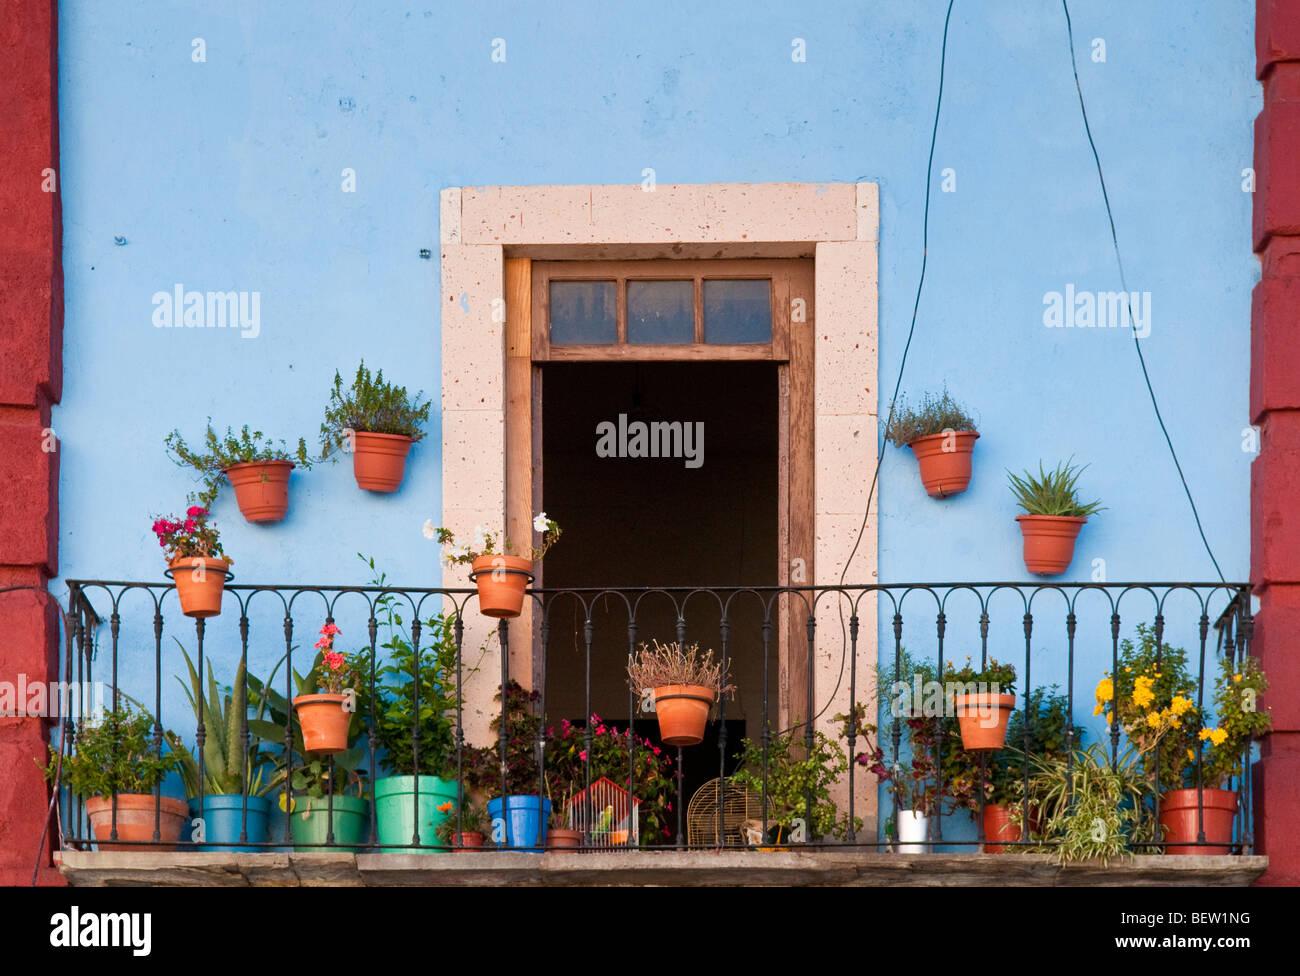 Las macetas en el balcón del apartamento en el centro de Guanajuato, México. Imagen De Stock